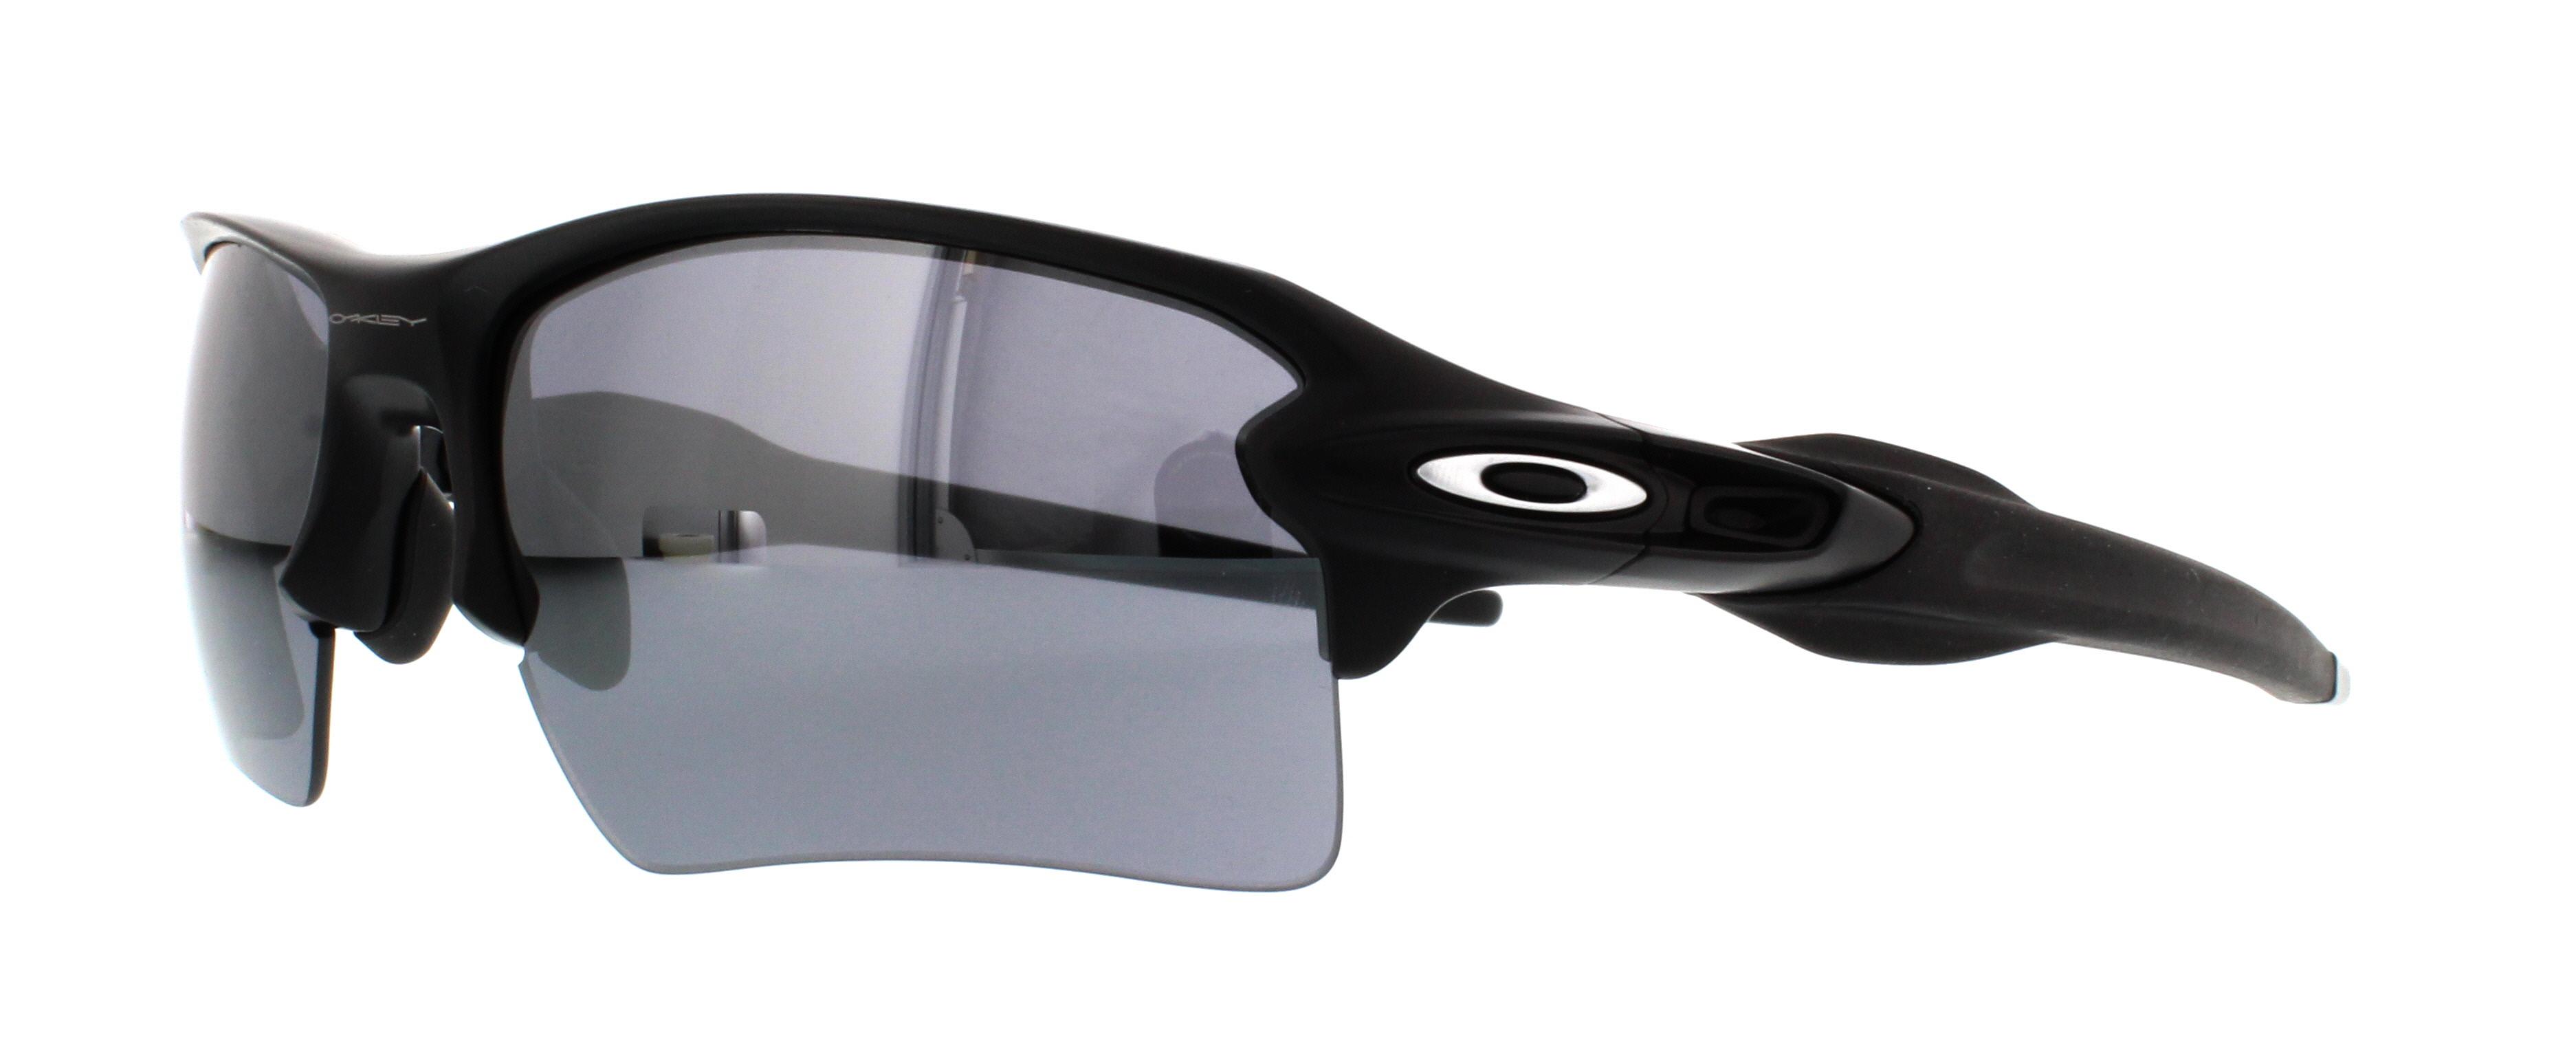 030fae65702 Designer Frames Outlet. Oakley FLAK 2.0 XL